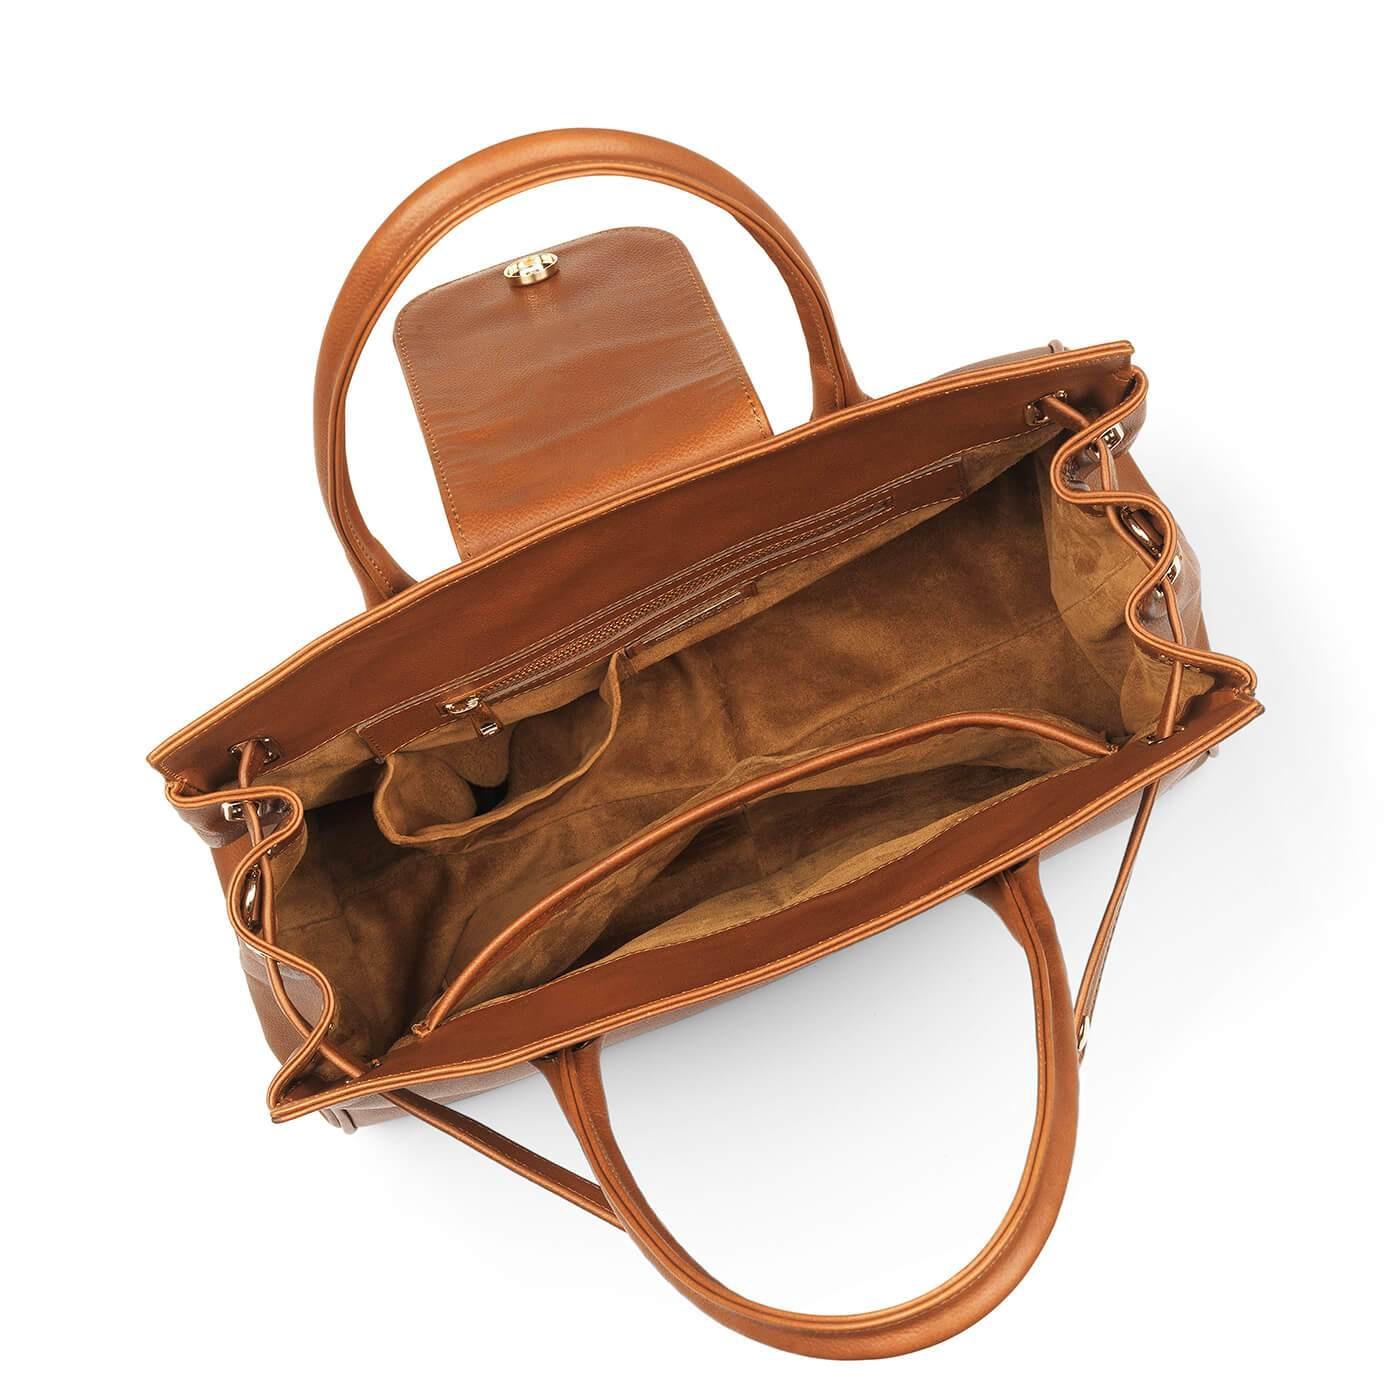 Fairfax & Favor – The Windsor Handbag – Tan Leather